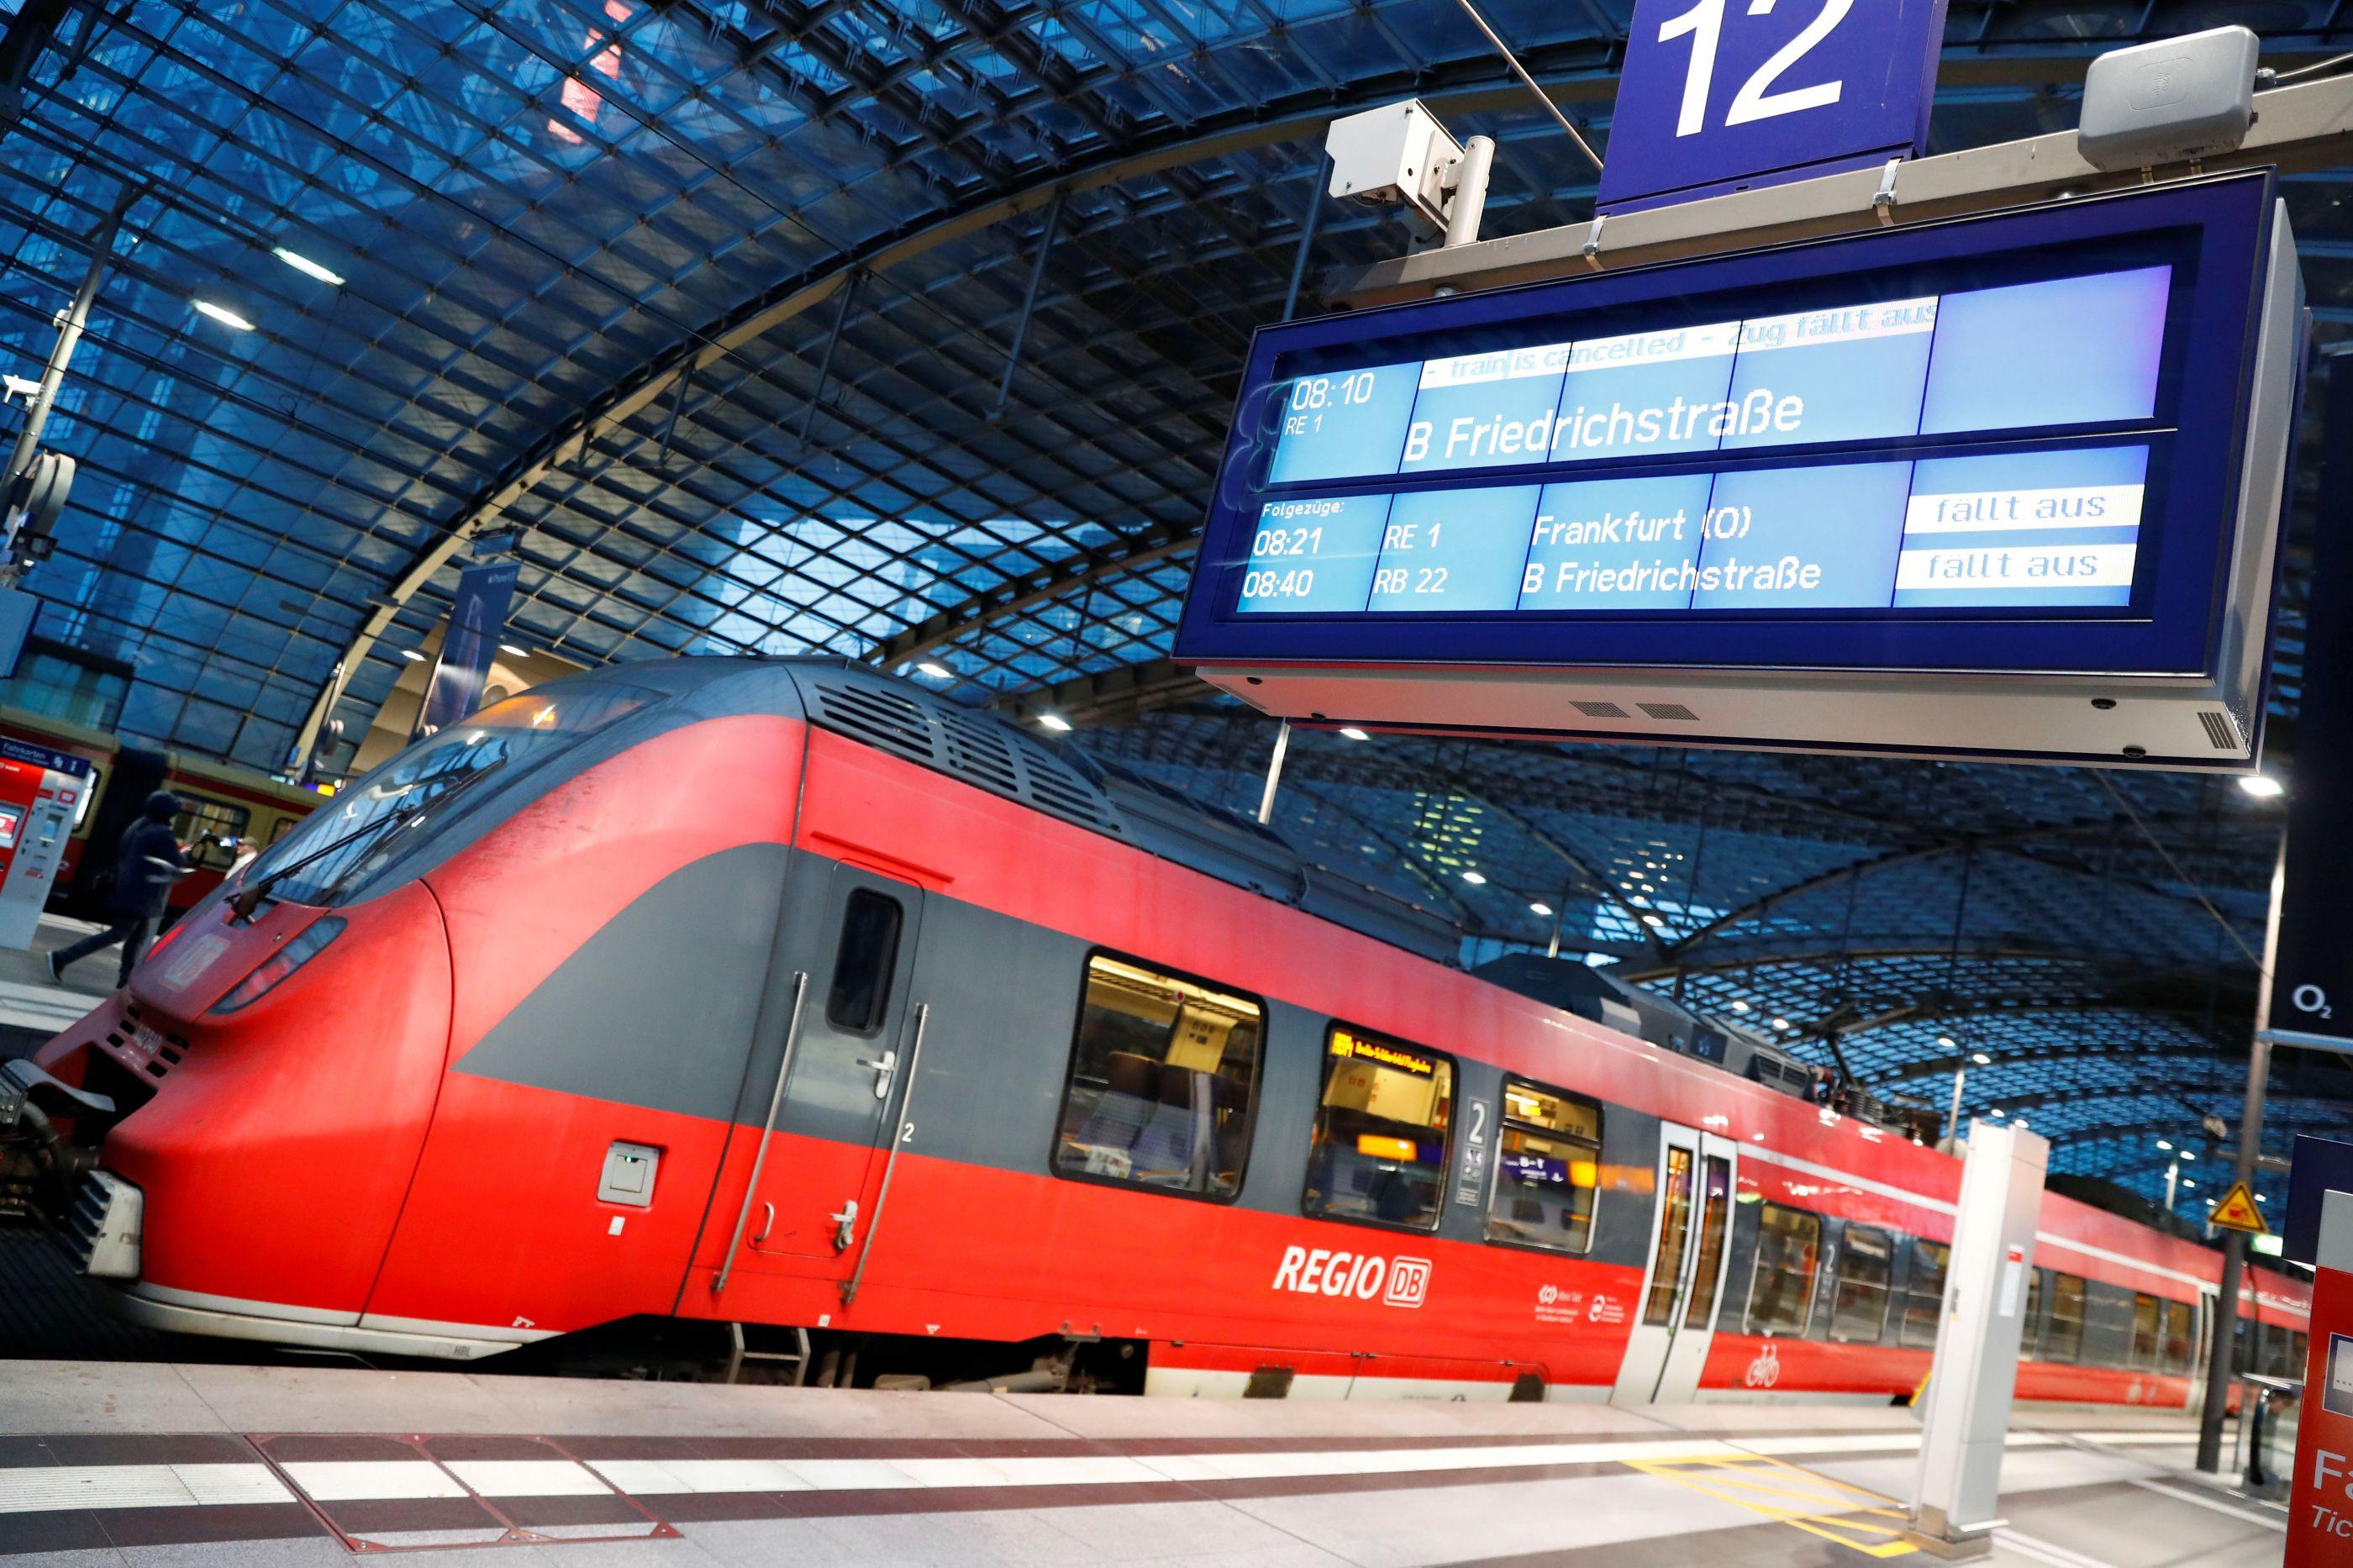 Passageiro alcoolizado exigiu ao maquinista que abrandasse comboio